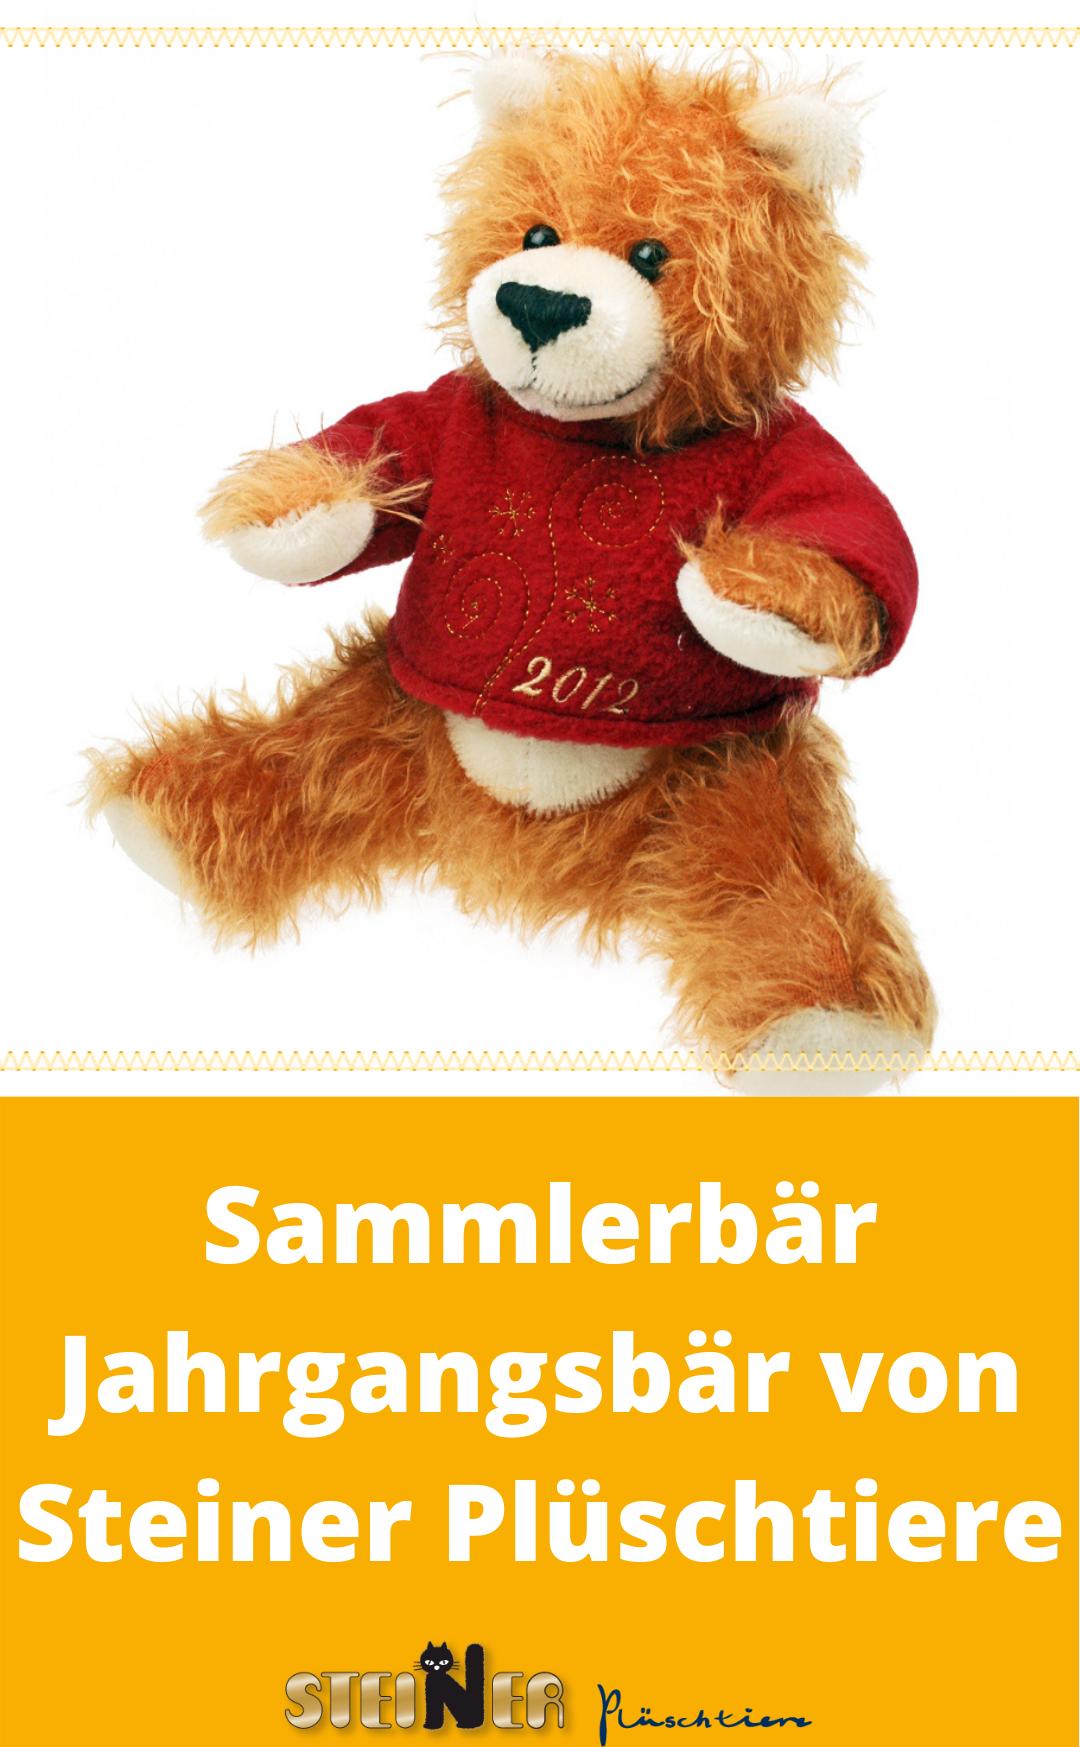 Unser limitierter Jahrgangsbär 2012 mit Schlenkerbeinen. Mit seinem roten Pulli, der ebenfalls bestickt ist, ist er ein echter Hingucker und definitiv nicht zu übersehen. Schon von weitem wird man durch sein niedliches Erscheinungsbild auf ihn aufmerksam. Einfach ein wunderschöner, in liebevoller Handarbeit gefertigter, Sammlerbär aus 100% Mohair. Da der Bär keine Gelenke hat, ist er auch für Kinder geeignet. #sammlerbär #teddybär #bär